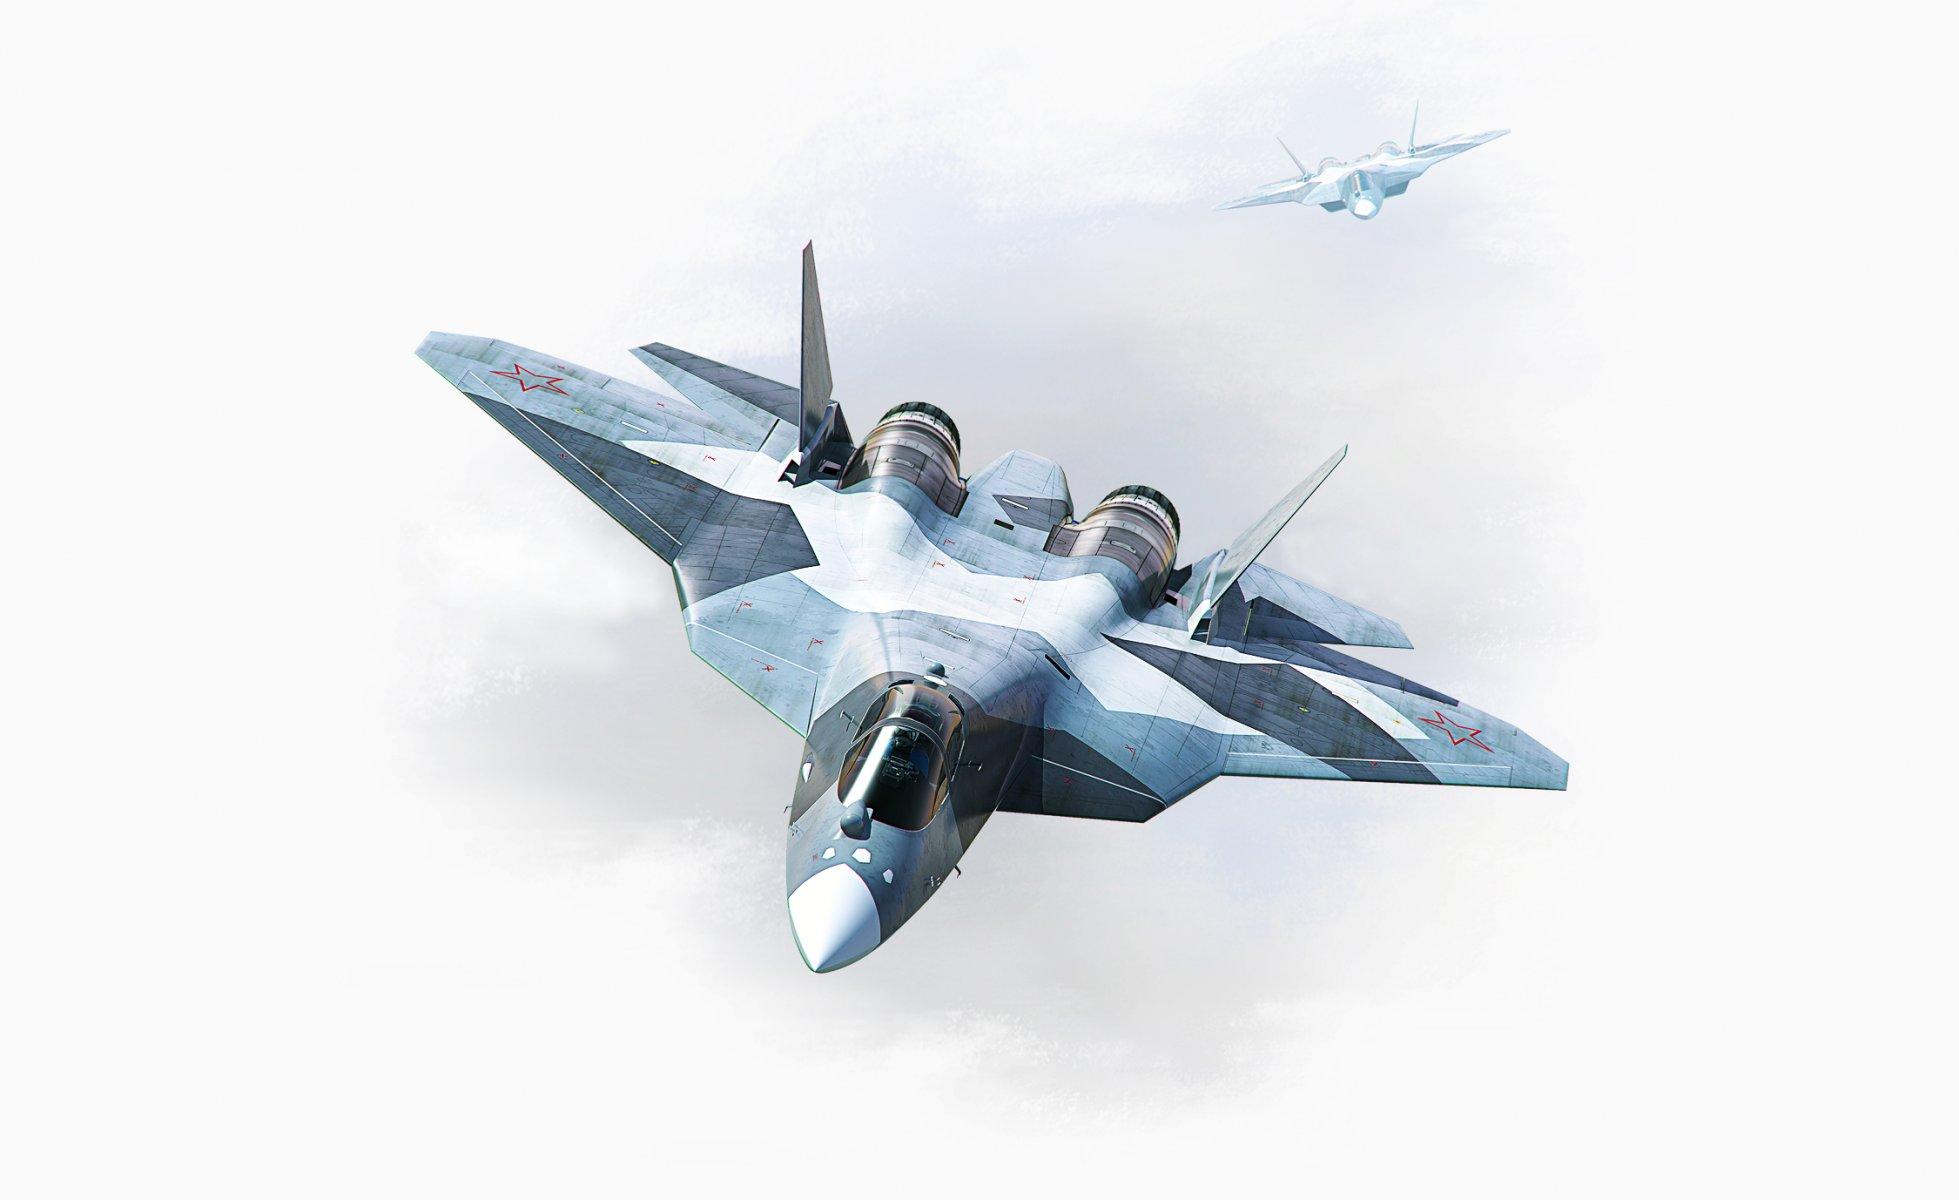 Обои Пятого поколения, многоцелевой, ПАК ФА Т-50, Самолёт, сверхзвуковой, Владислав Перминов, истребитель. Авиация foto 12